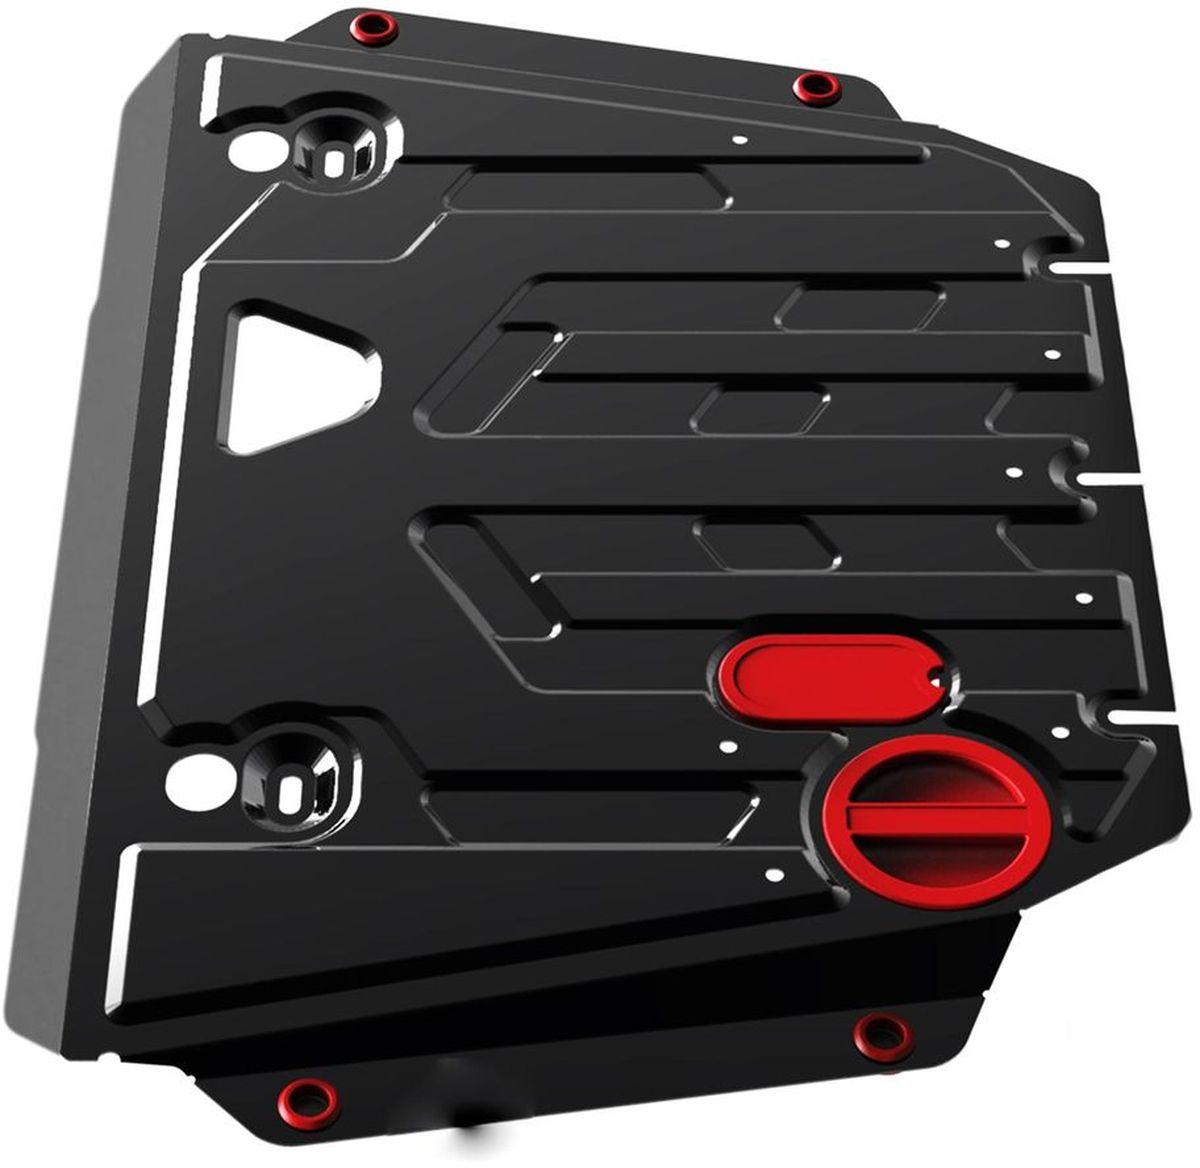 Защита картера и КПП Автоброня, для Honda Jazz V - 1,4 (2004-2008)111.02106.1Технологически совершенный продукт за невысокую стоимость. Защита разработана с учетом особенностей днища автомобиля, что позволяет сохранить дорожный просвет с минимальным изменением. Защита устанавливается в штатные места кузова автомобиля. Глубокий штамп обеспечивает до двух раз больше жесткости в сравнении с обычной защитой той же толщины. Проштампованные ребра жесткости препятствуют деформации защиты при ударах. Тепловой зазор и вентиляционные отверстия обеспечивают сохранение температурного режима двигателя в норме. Скрытый крепеж предотвращает срыв крепежных элементов при наезде на препятствие. Шумопоглощающие резиновые элементы обеспечивают комфортную езду без вибраций и скрежета металла, а съемные лючки для слива масла и замены фильтра - экономию средств и время. Конструкция изделия не влияет на пассивную безопасность автомобиля (при ударе защита не воздействует на деформационные зоны кузова). Со штатным крепежом. В комплекте инструкция по установке....